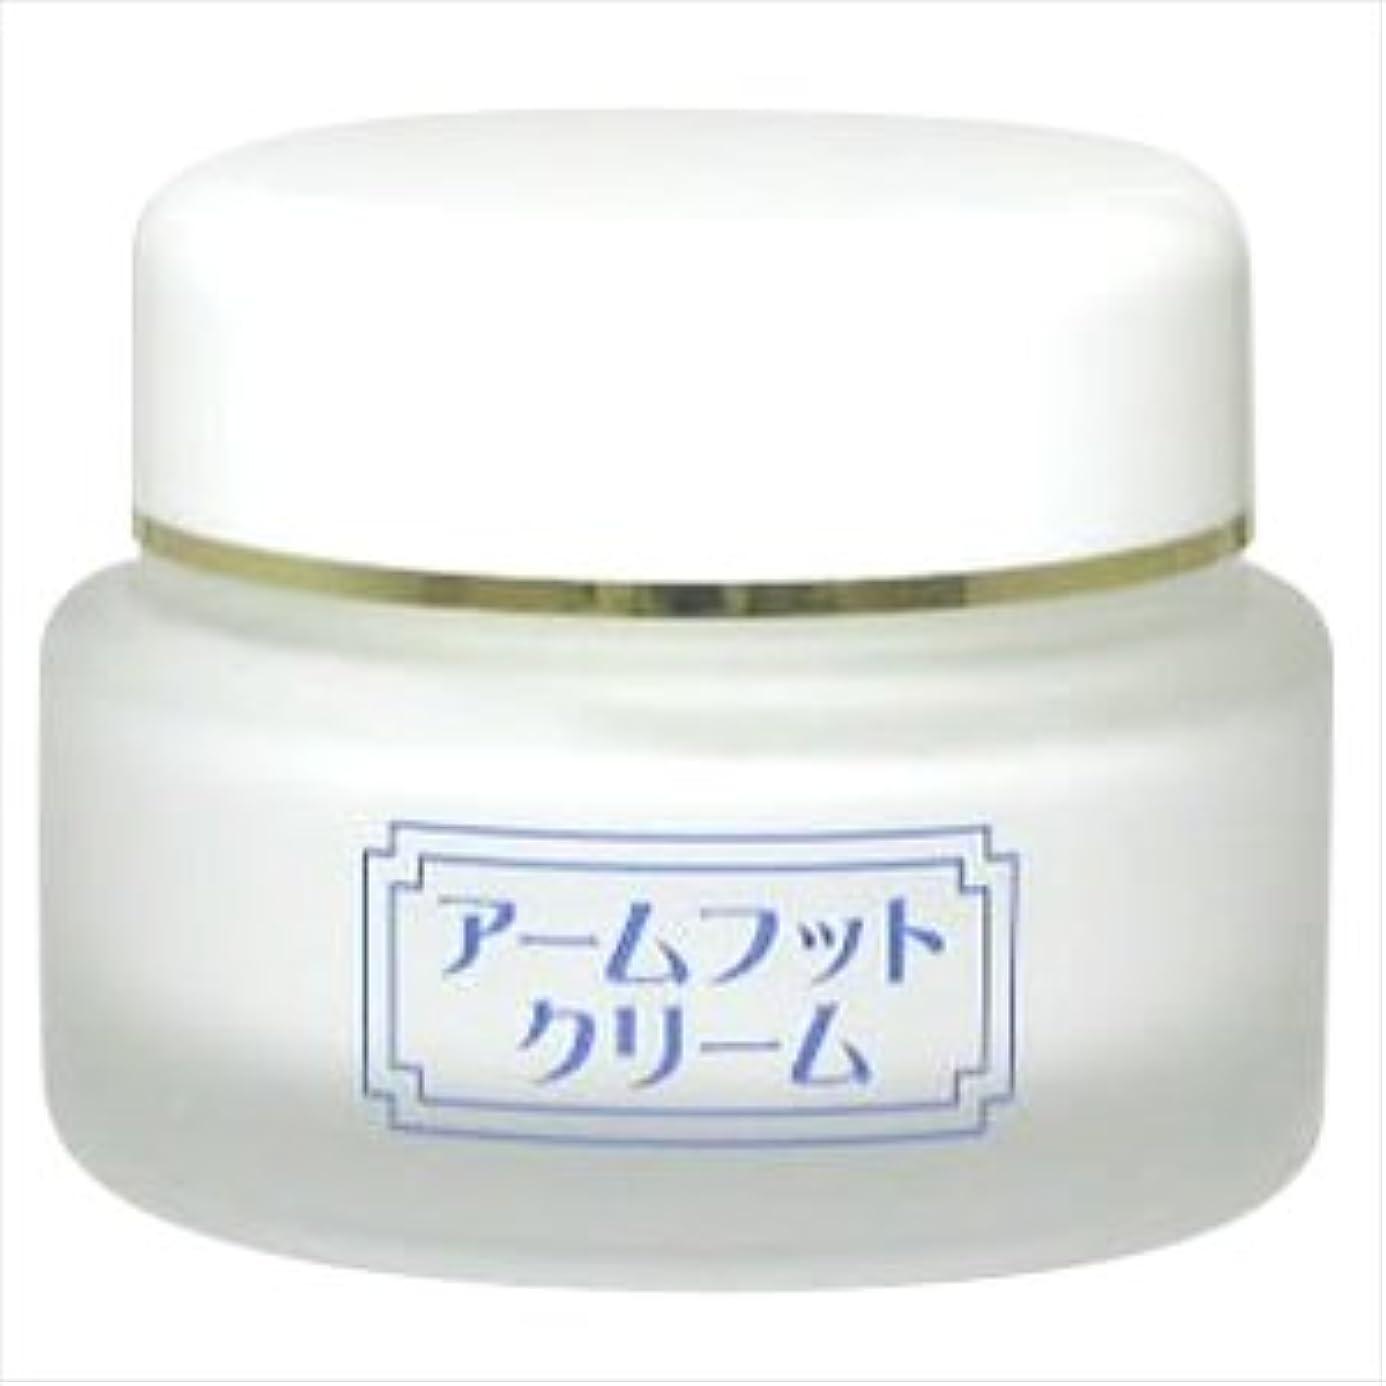 薬用デオドラントクリーム アームフットクリーム(20g) (1個)